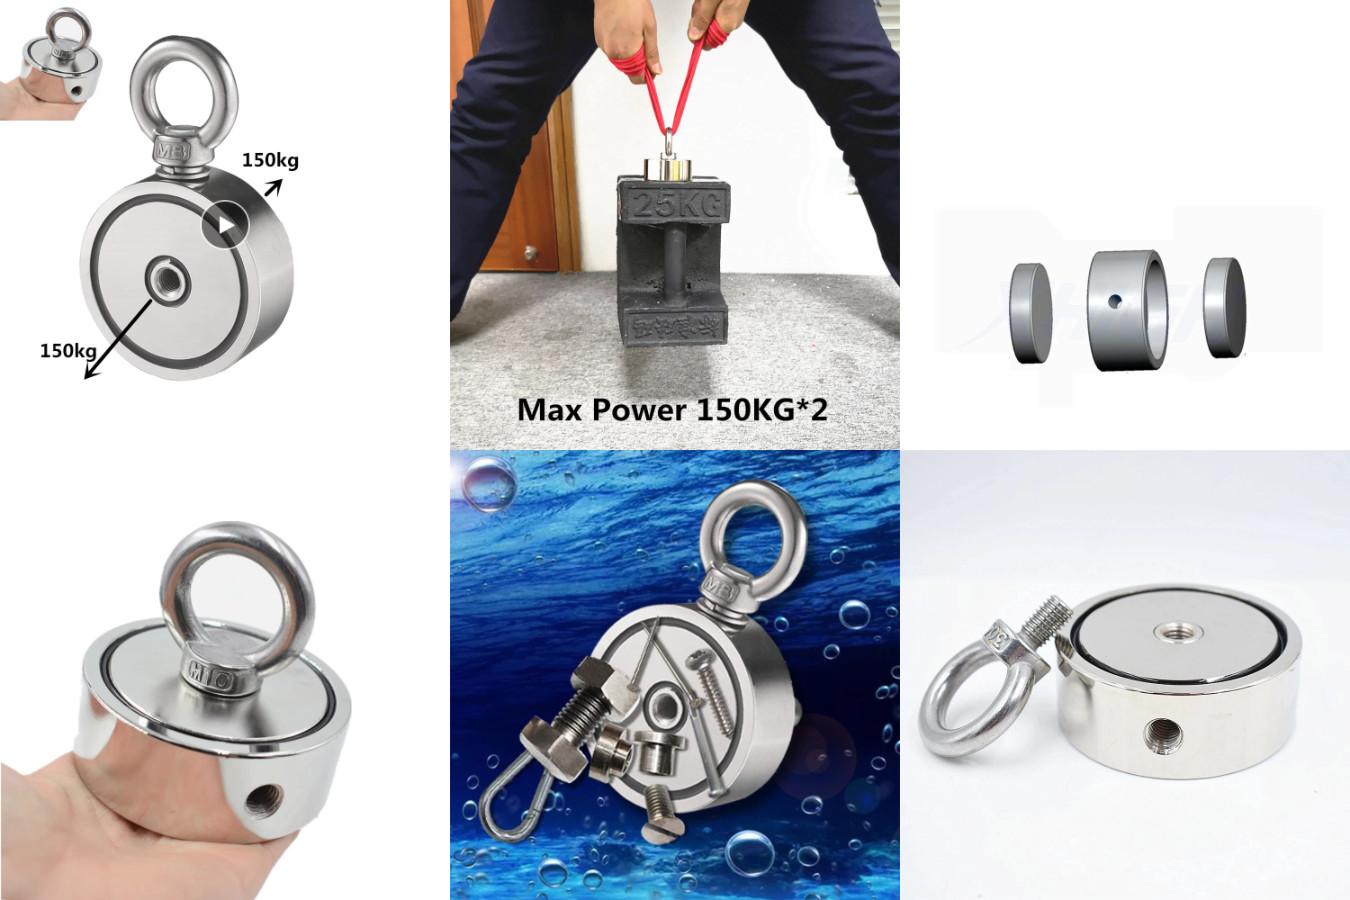 Неодимовый магнит в корпусе с двумя отверстиями для болта-кольца